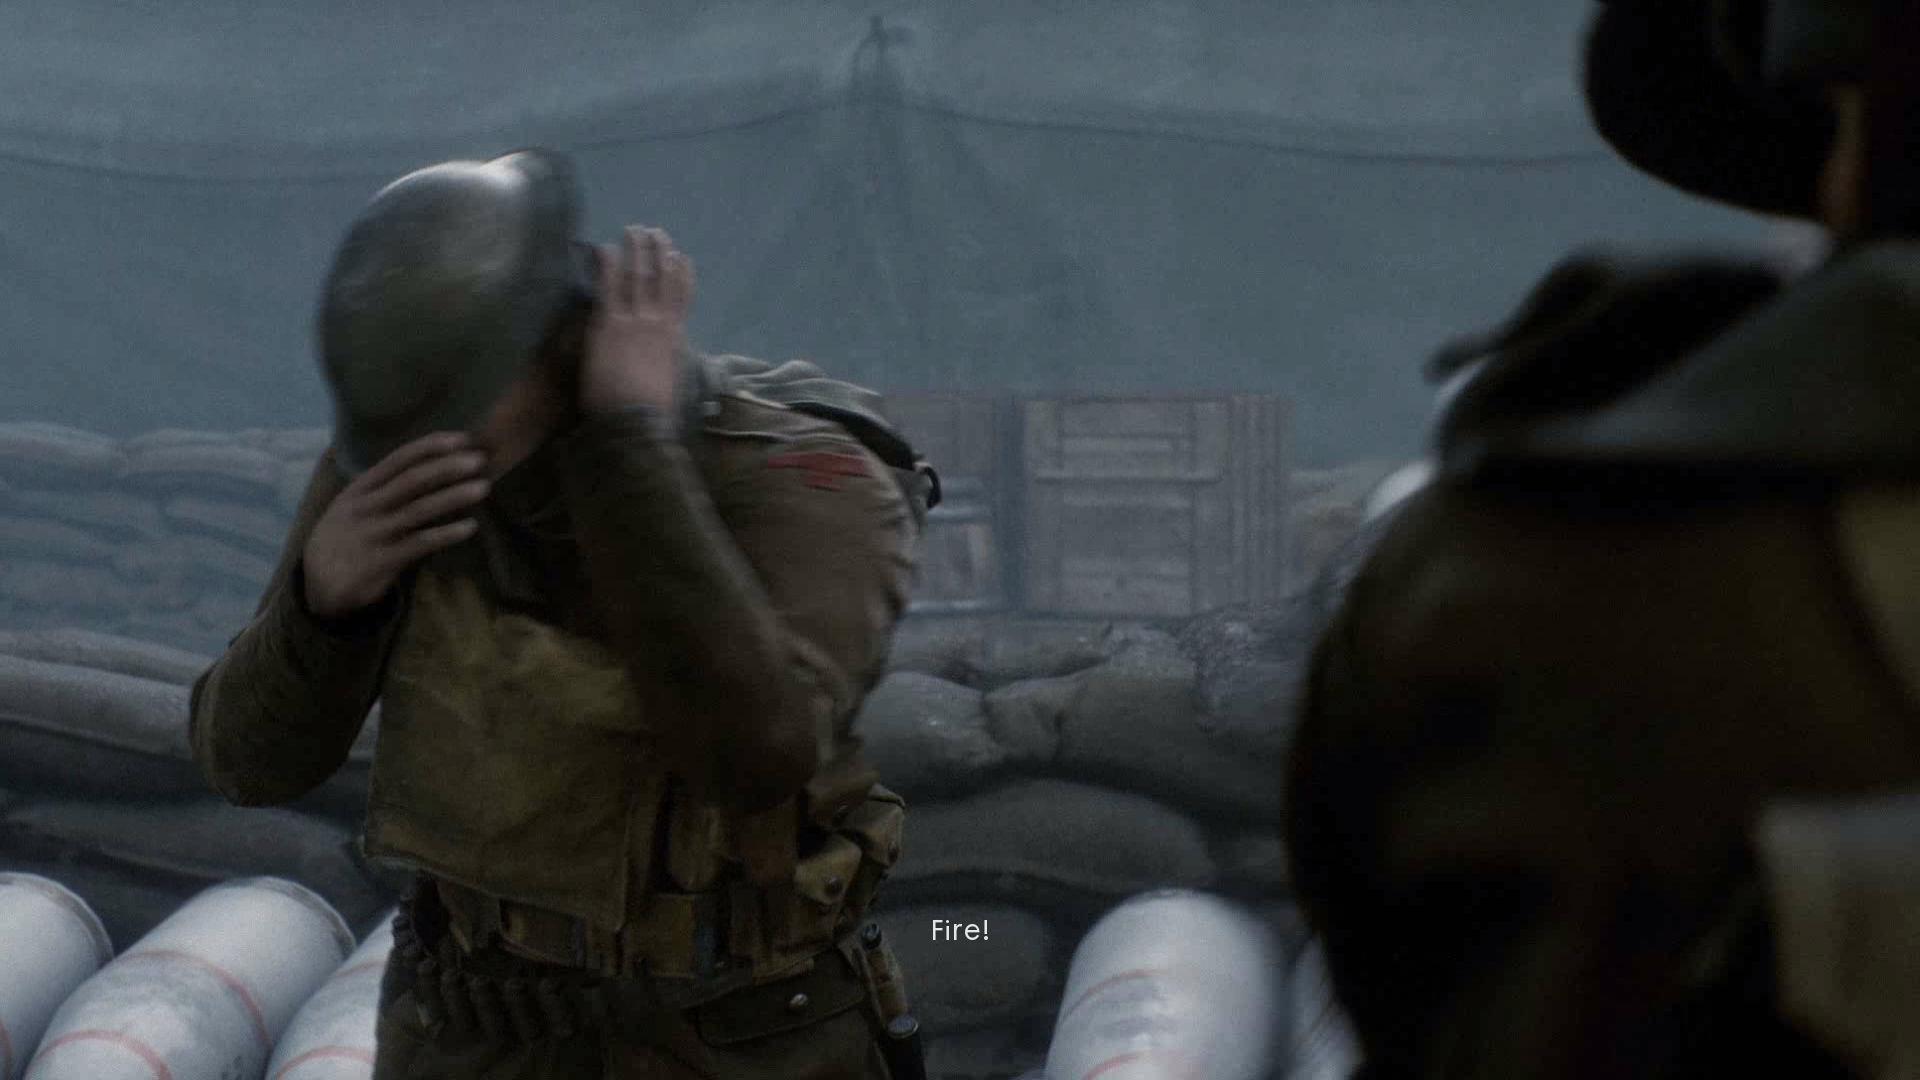 수정됨_Battlefield 1 2016.10.13 - 19.53.01.40.jpg